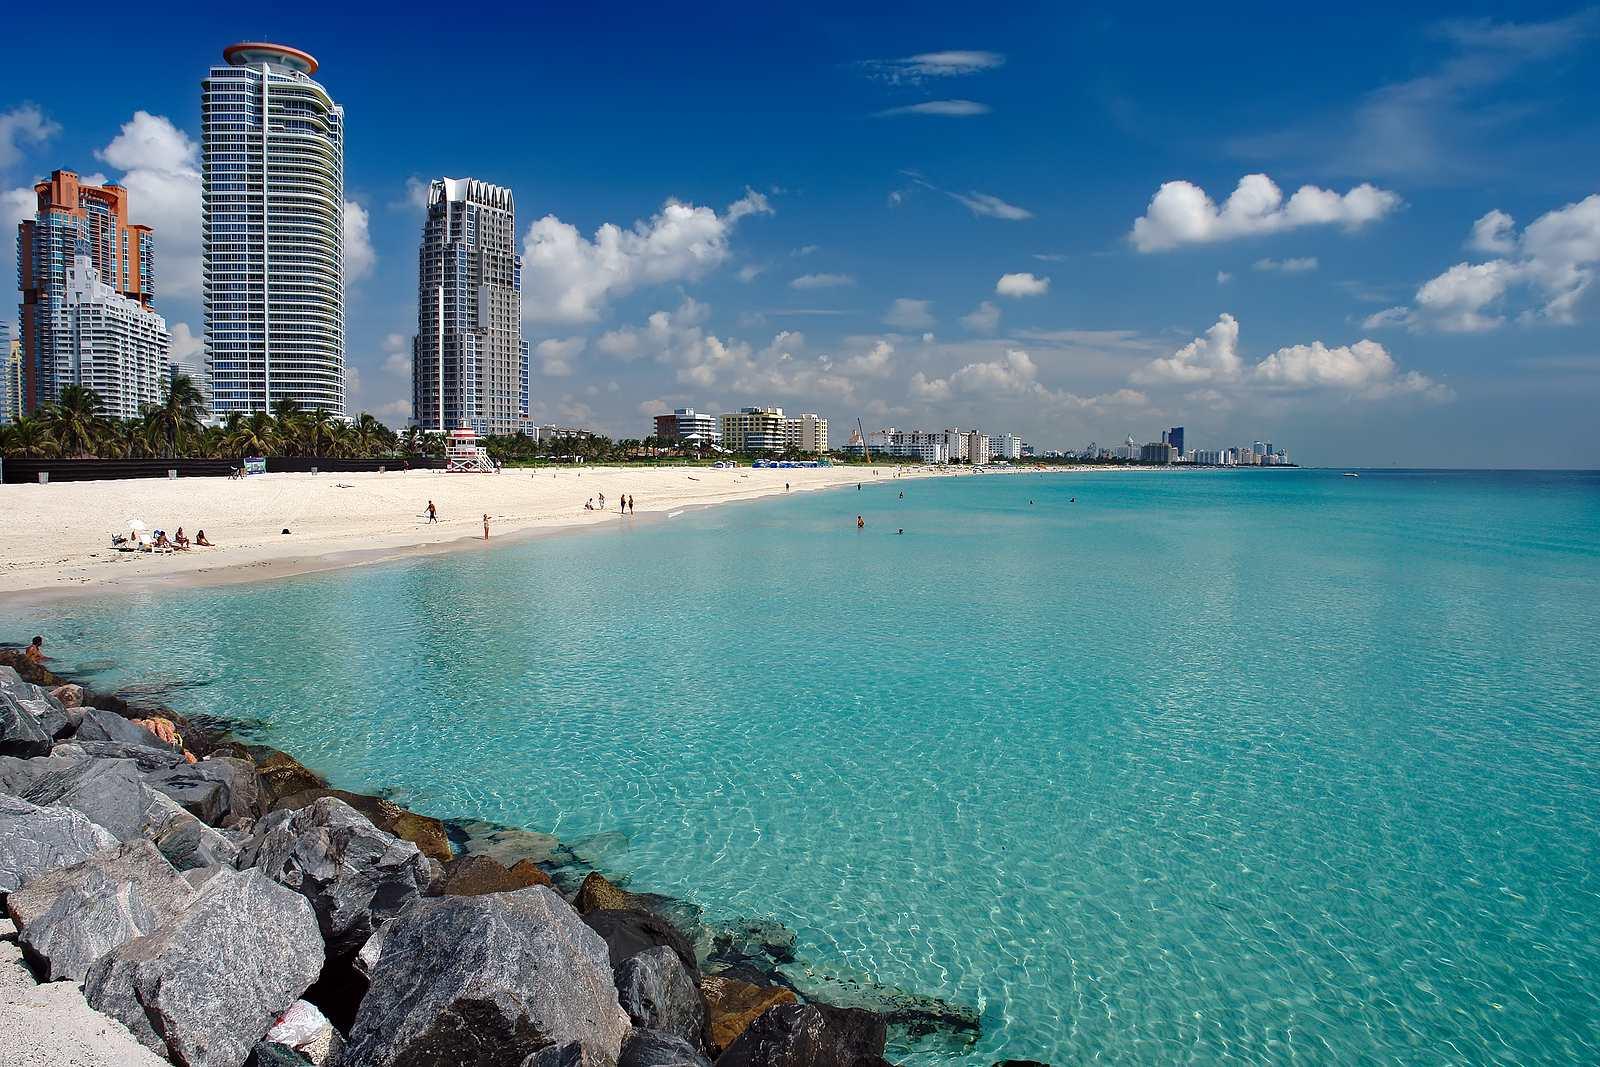 Viaggio itinerario 15 giorni di laurea in Florida